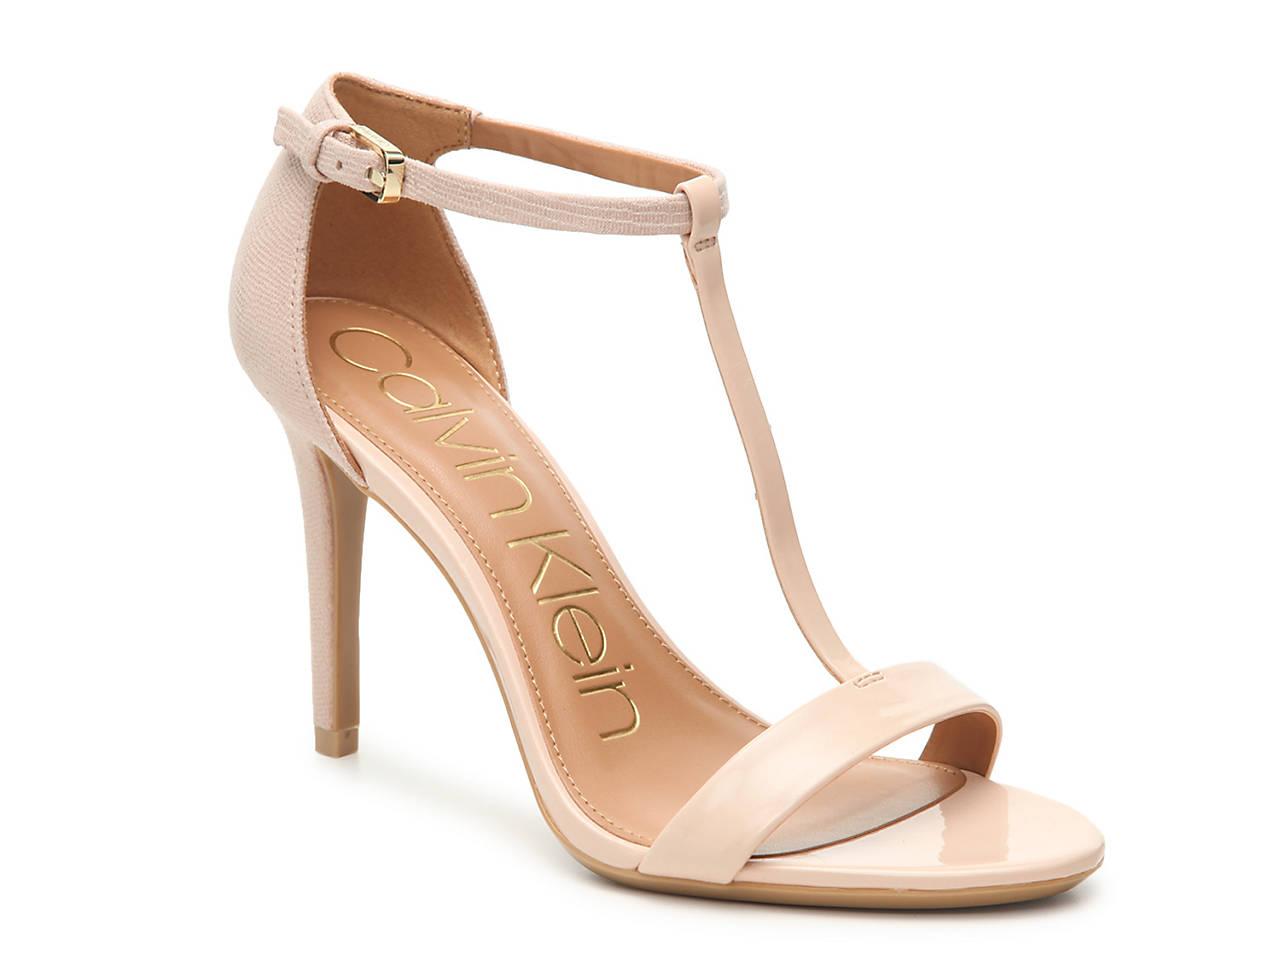 cb28e6c005b Calvin Klein Nereied Sandal Women s Shoes